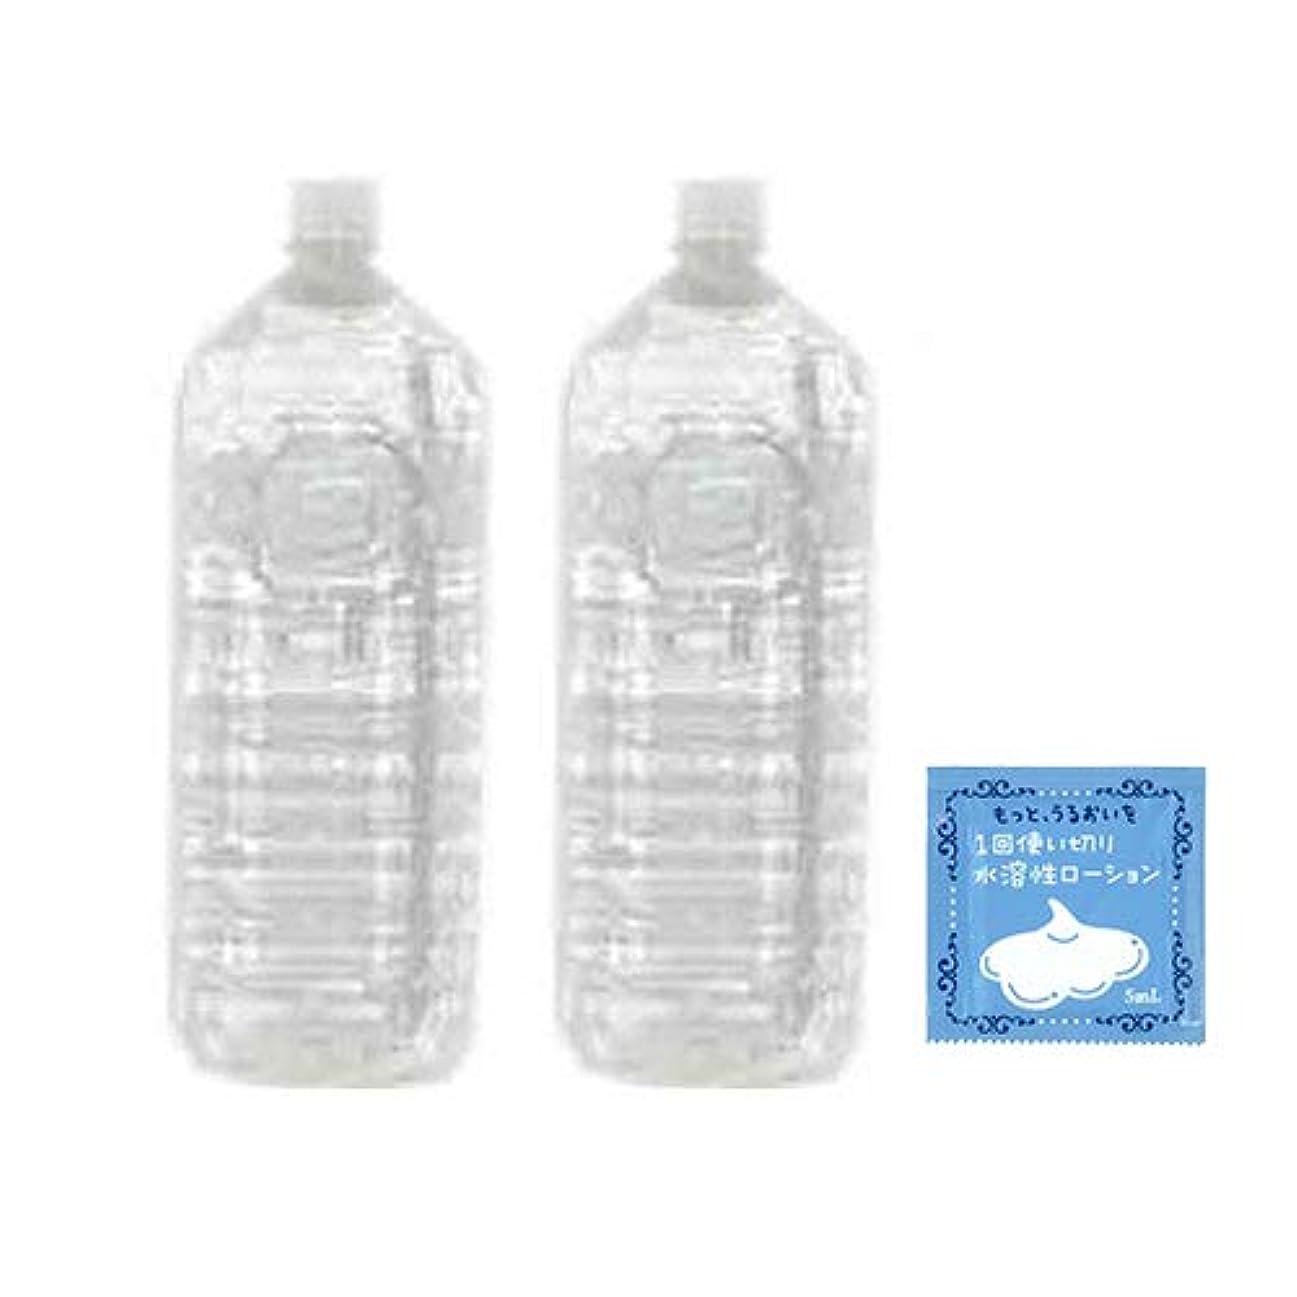 大惨事委任する首謀者クリアローション 2Lペットボトル ハードタイプ(5倍濃縮原液) × 2本セット + 1回使い切り水溶性潤滑ローション